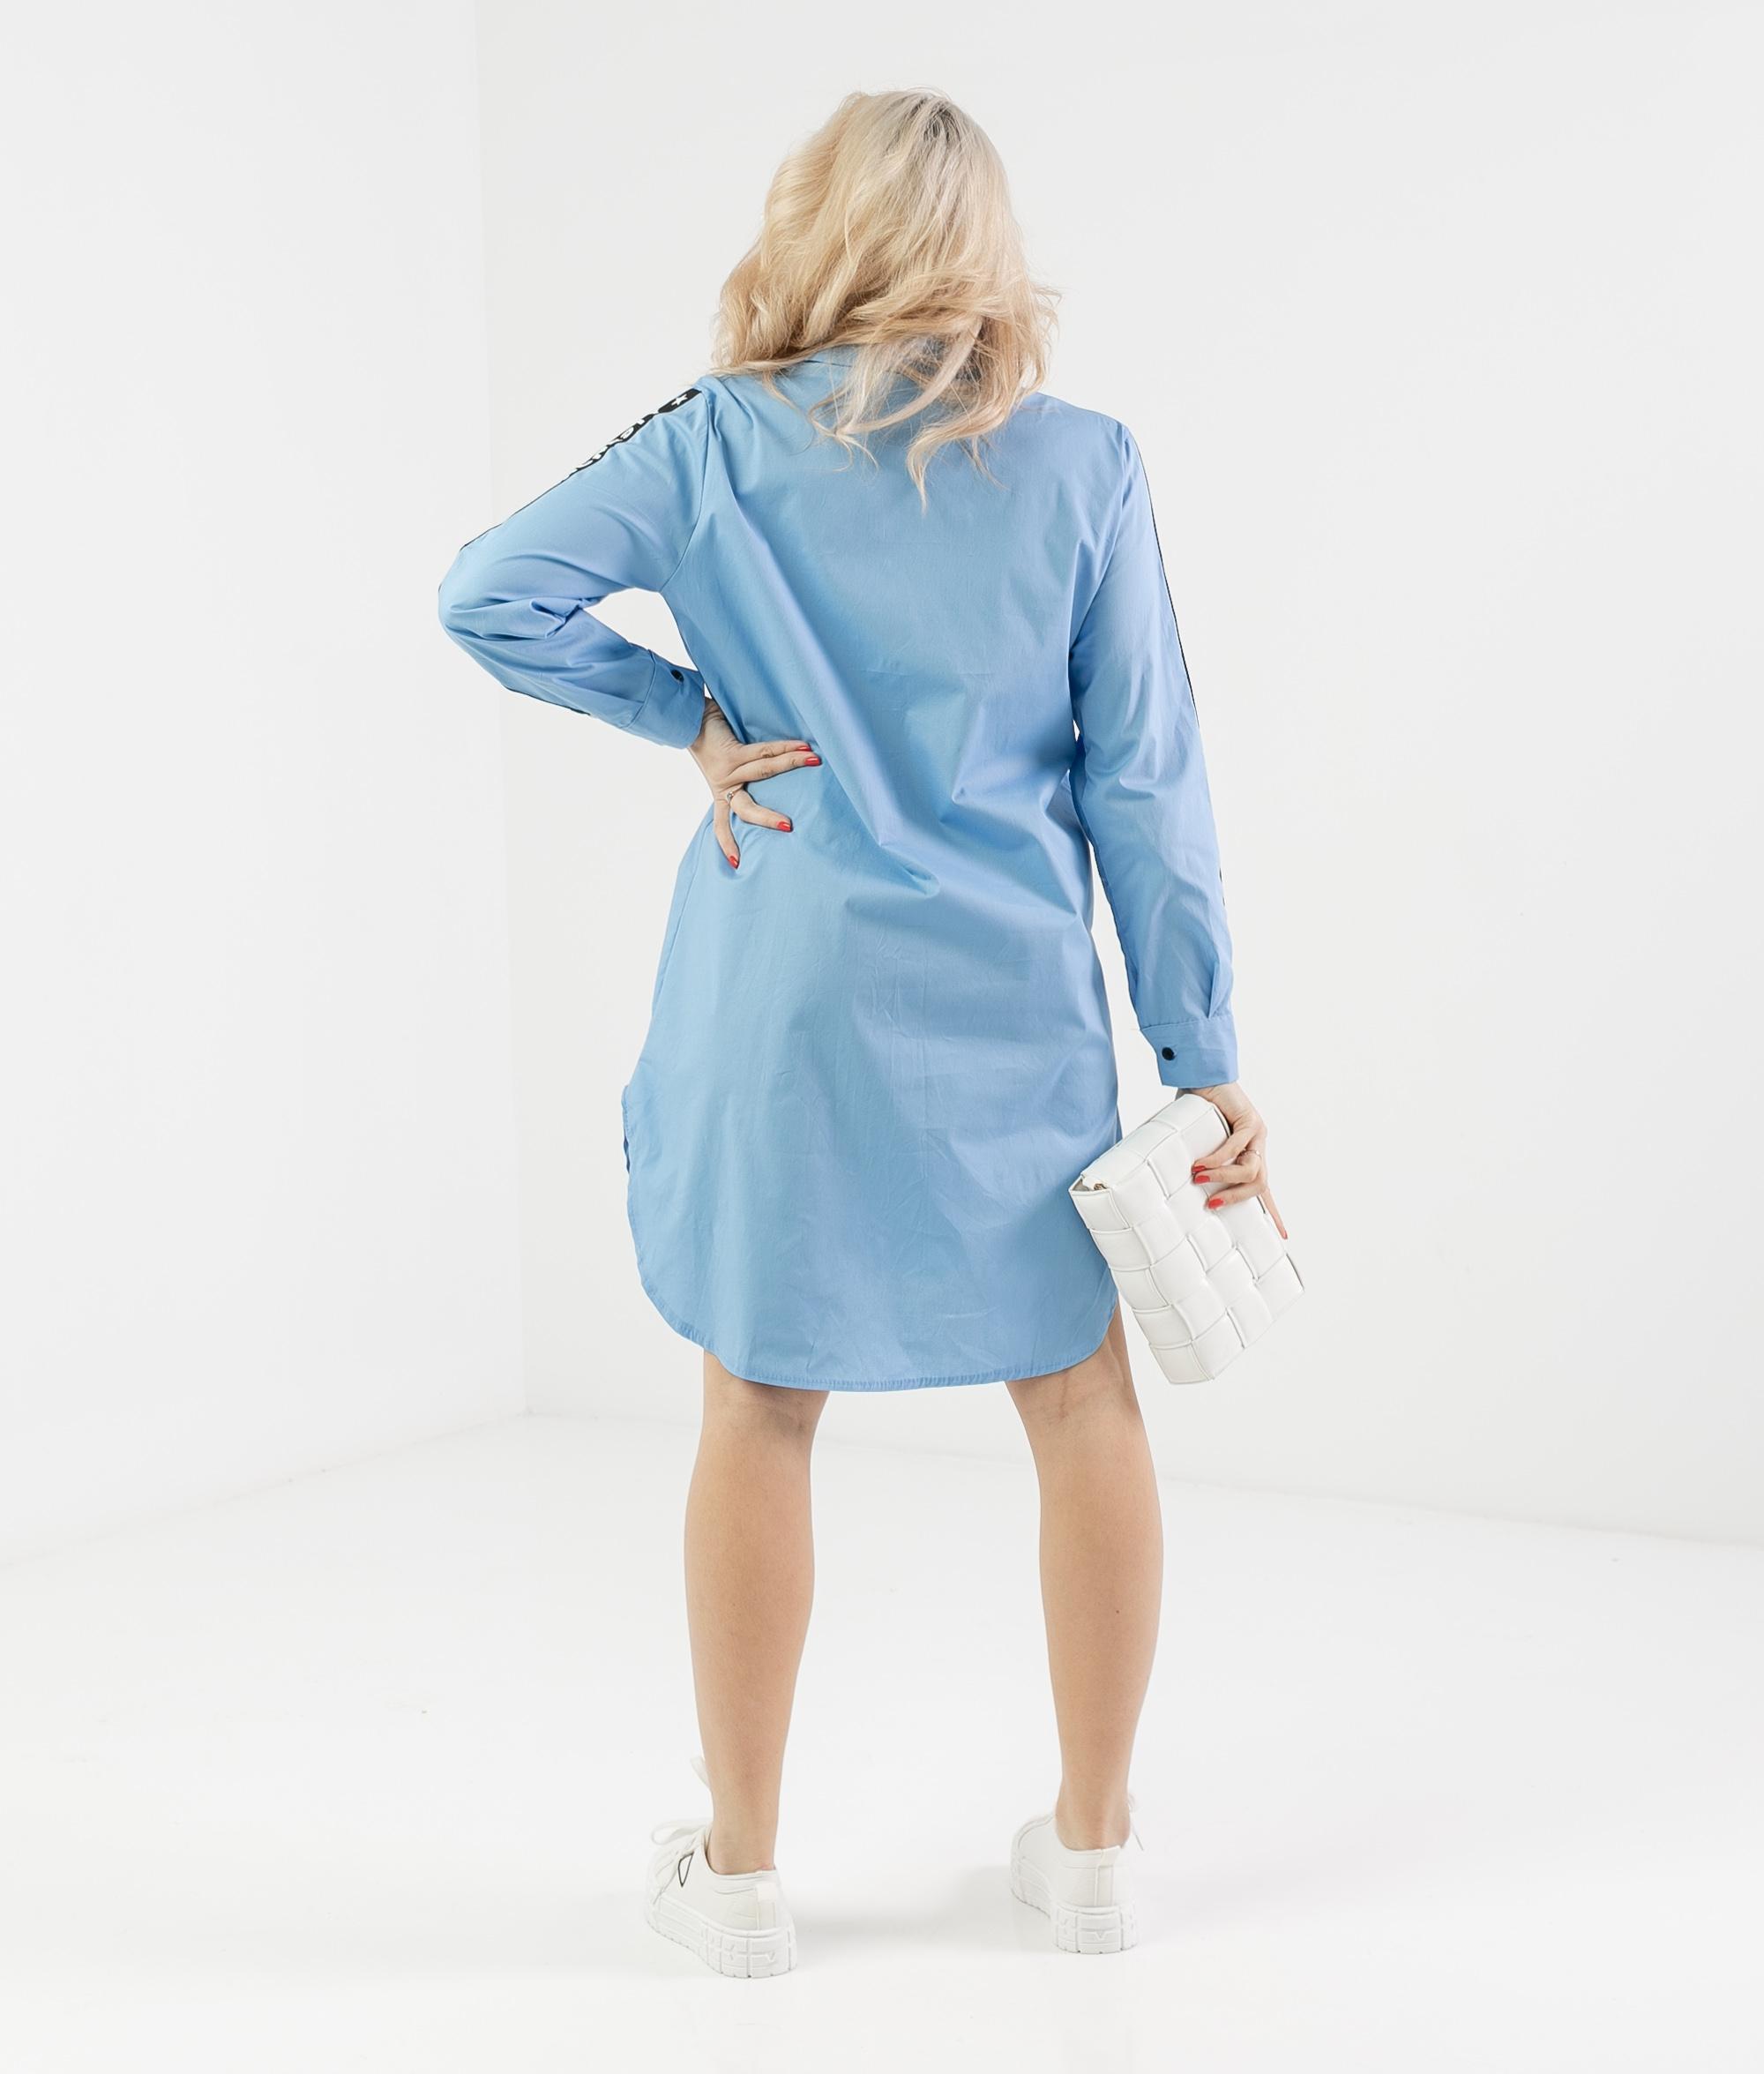 DRESS NESTY - BLUE